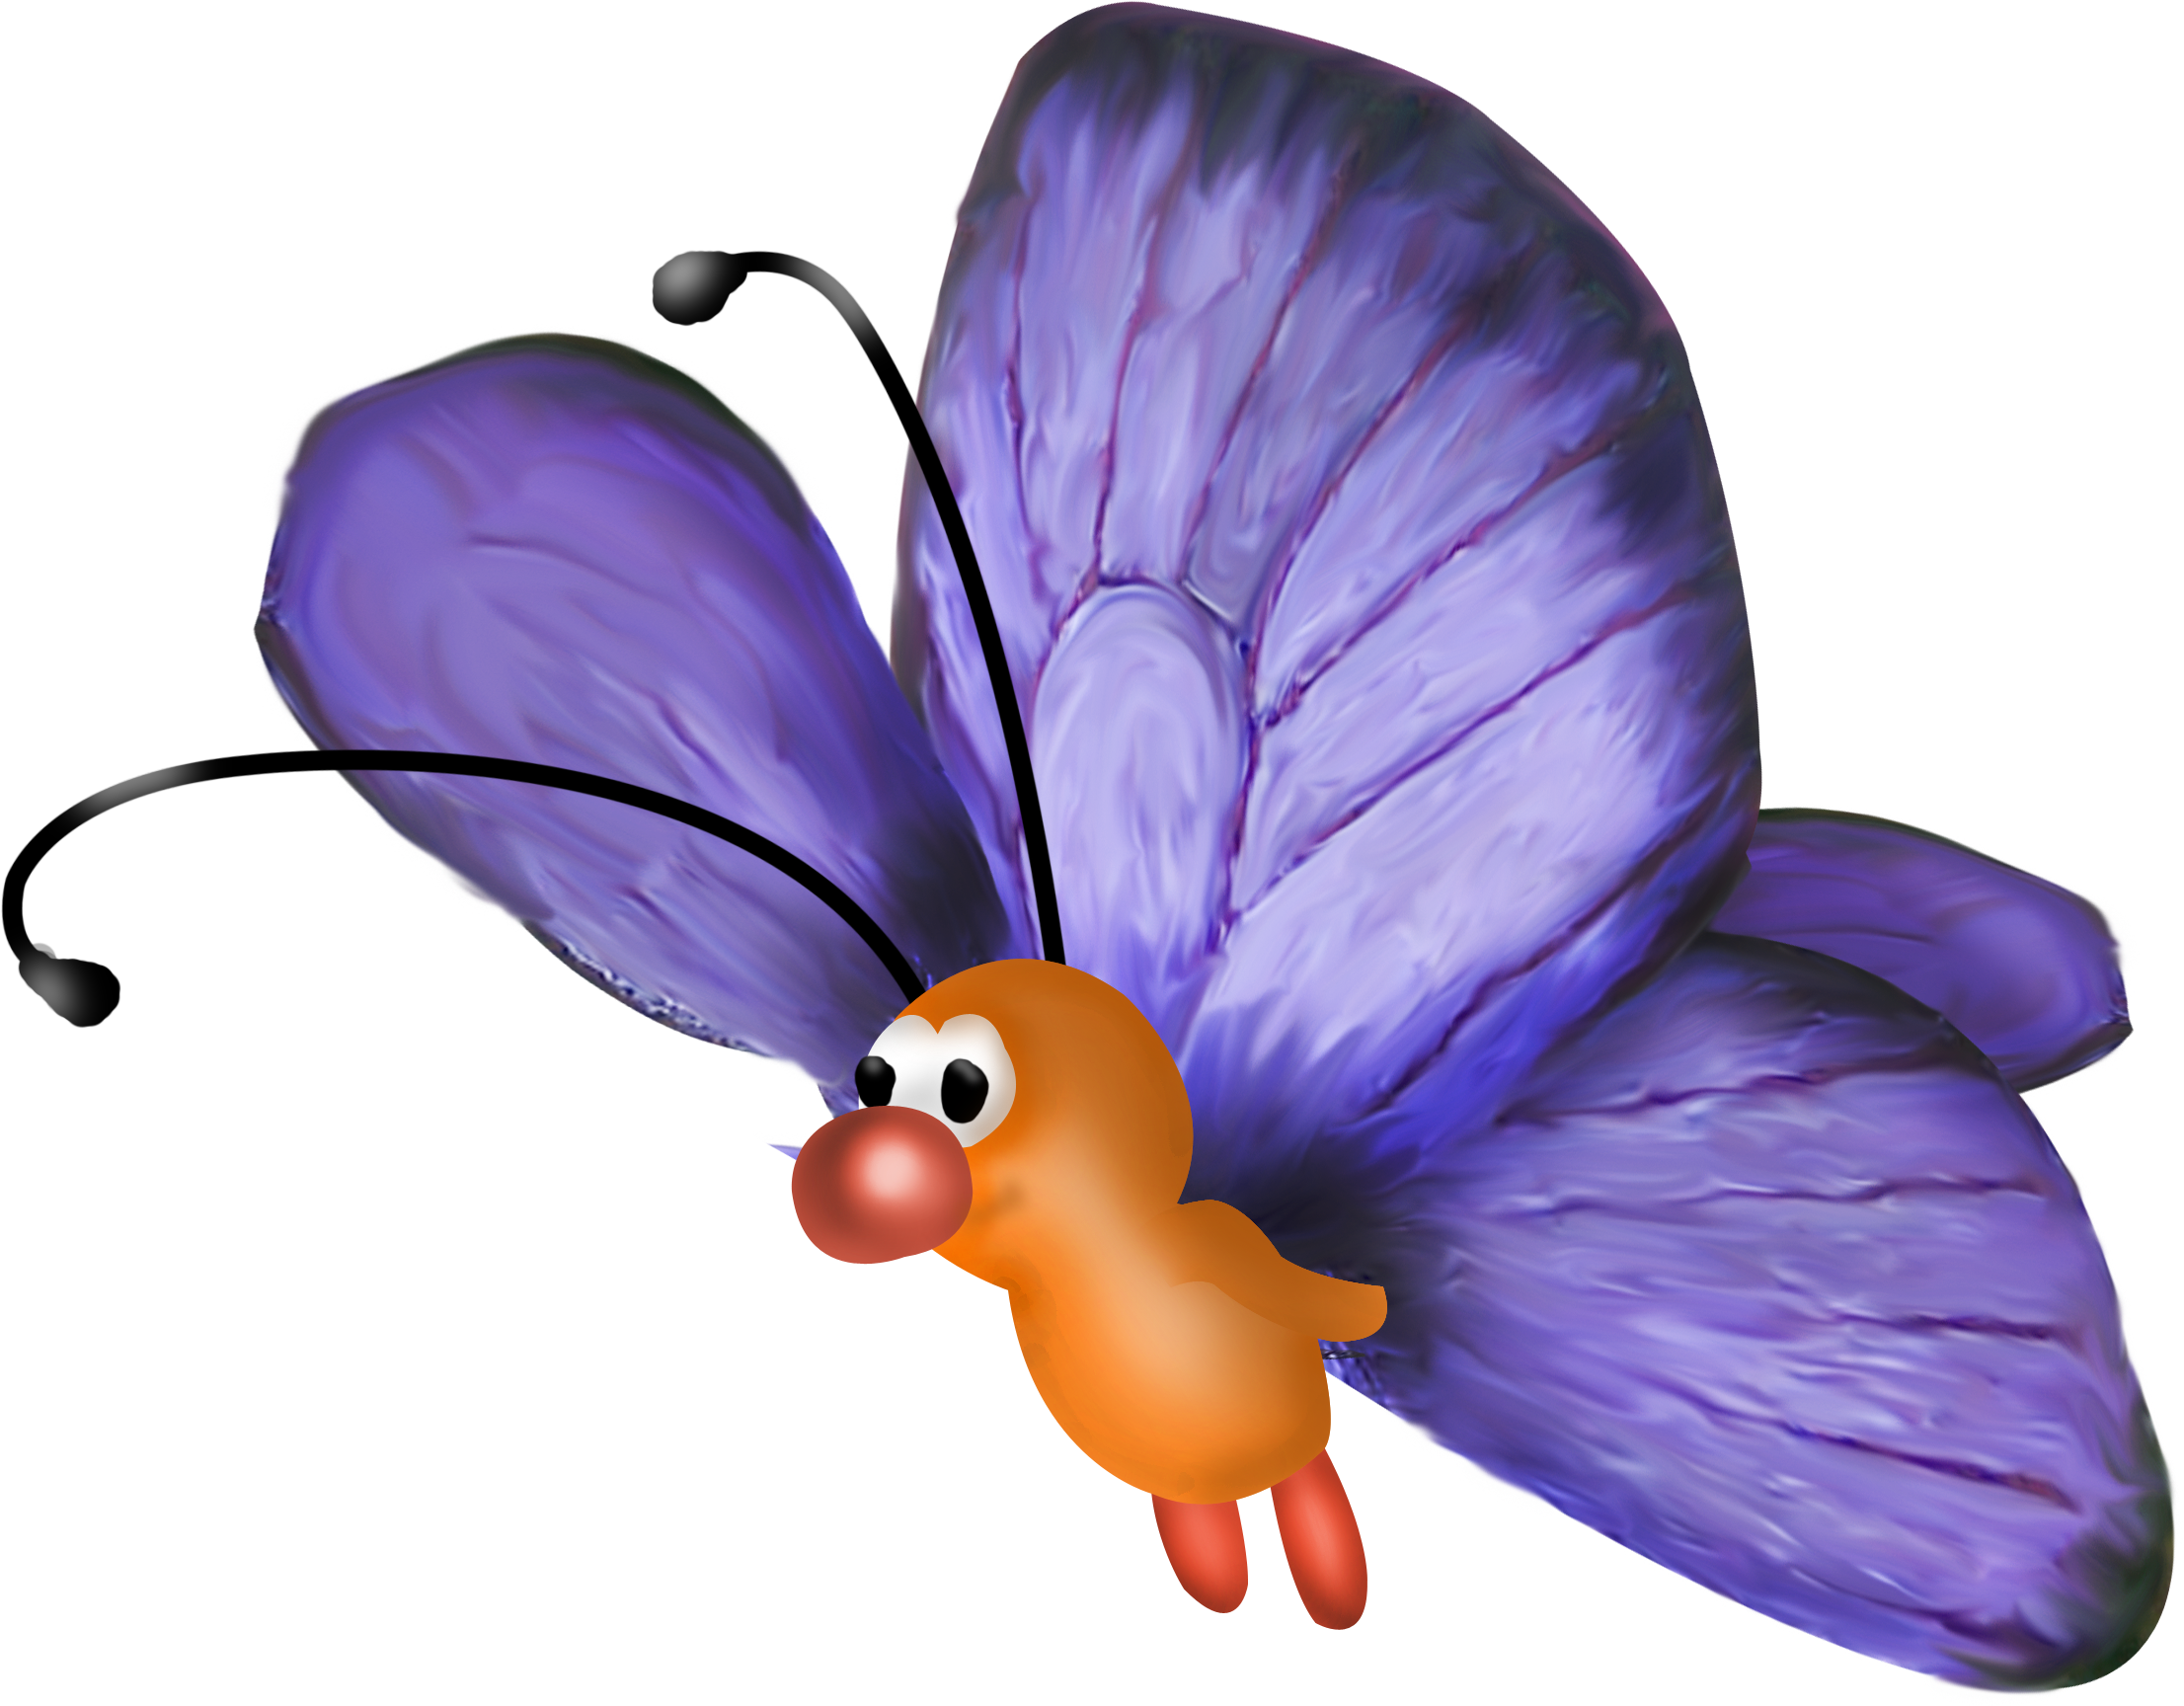 День работников, картинки бабочек смешных